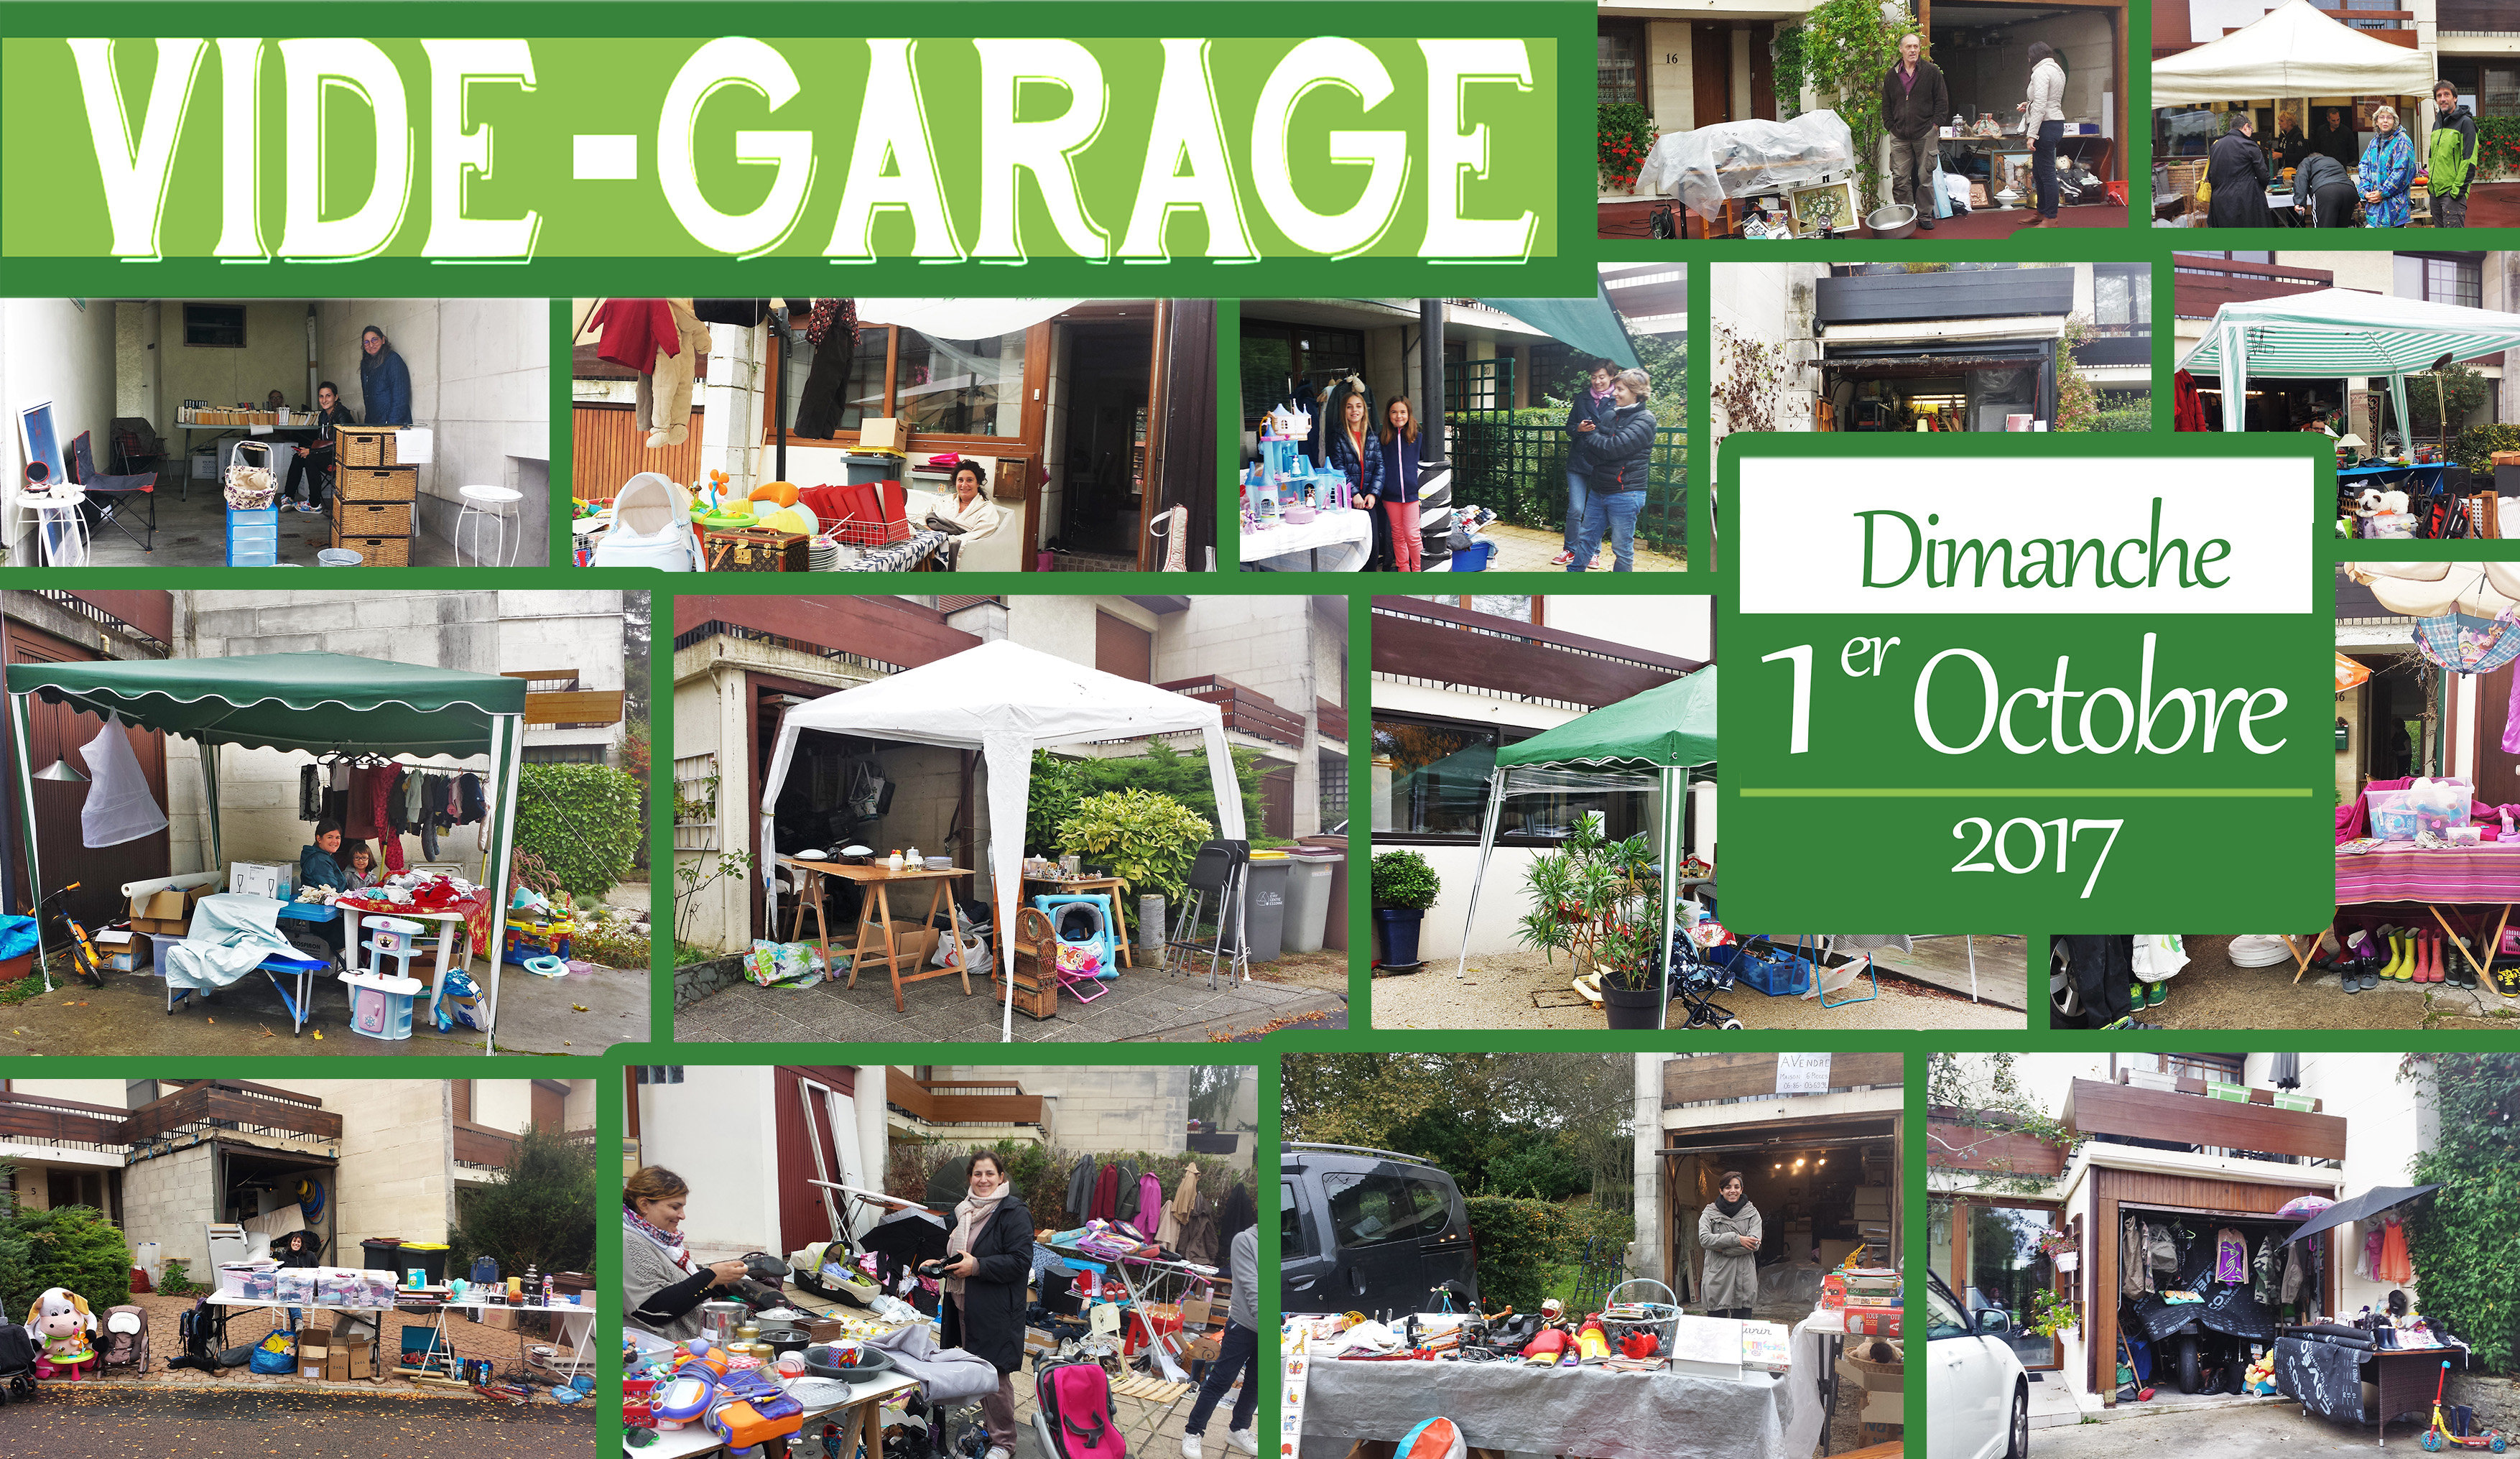 banniere-vide-garage-Hameaux-2017-mosaique